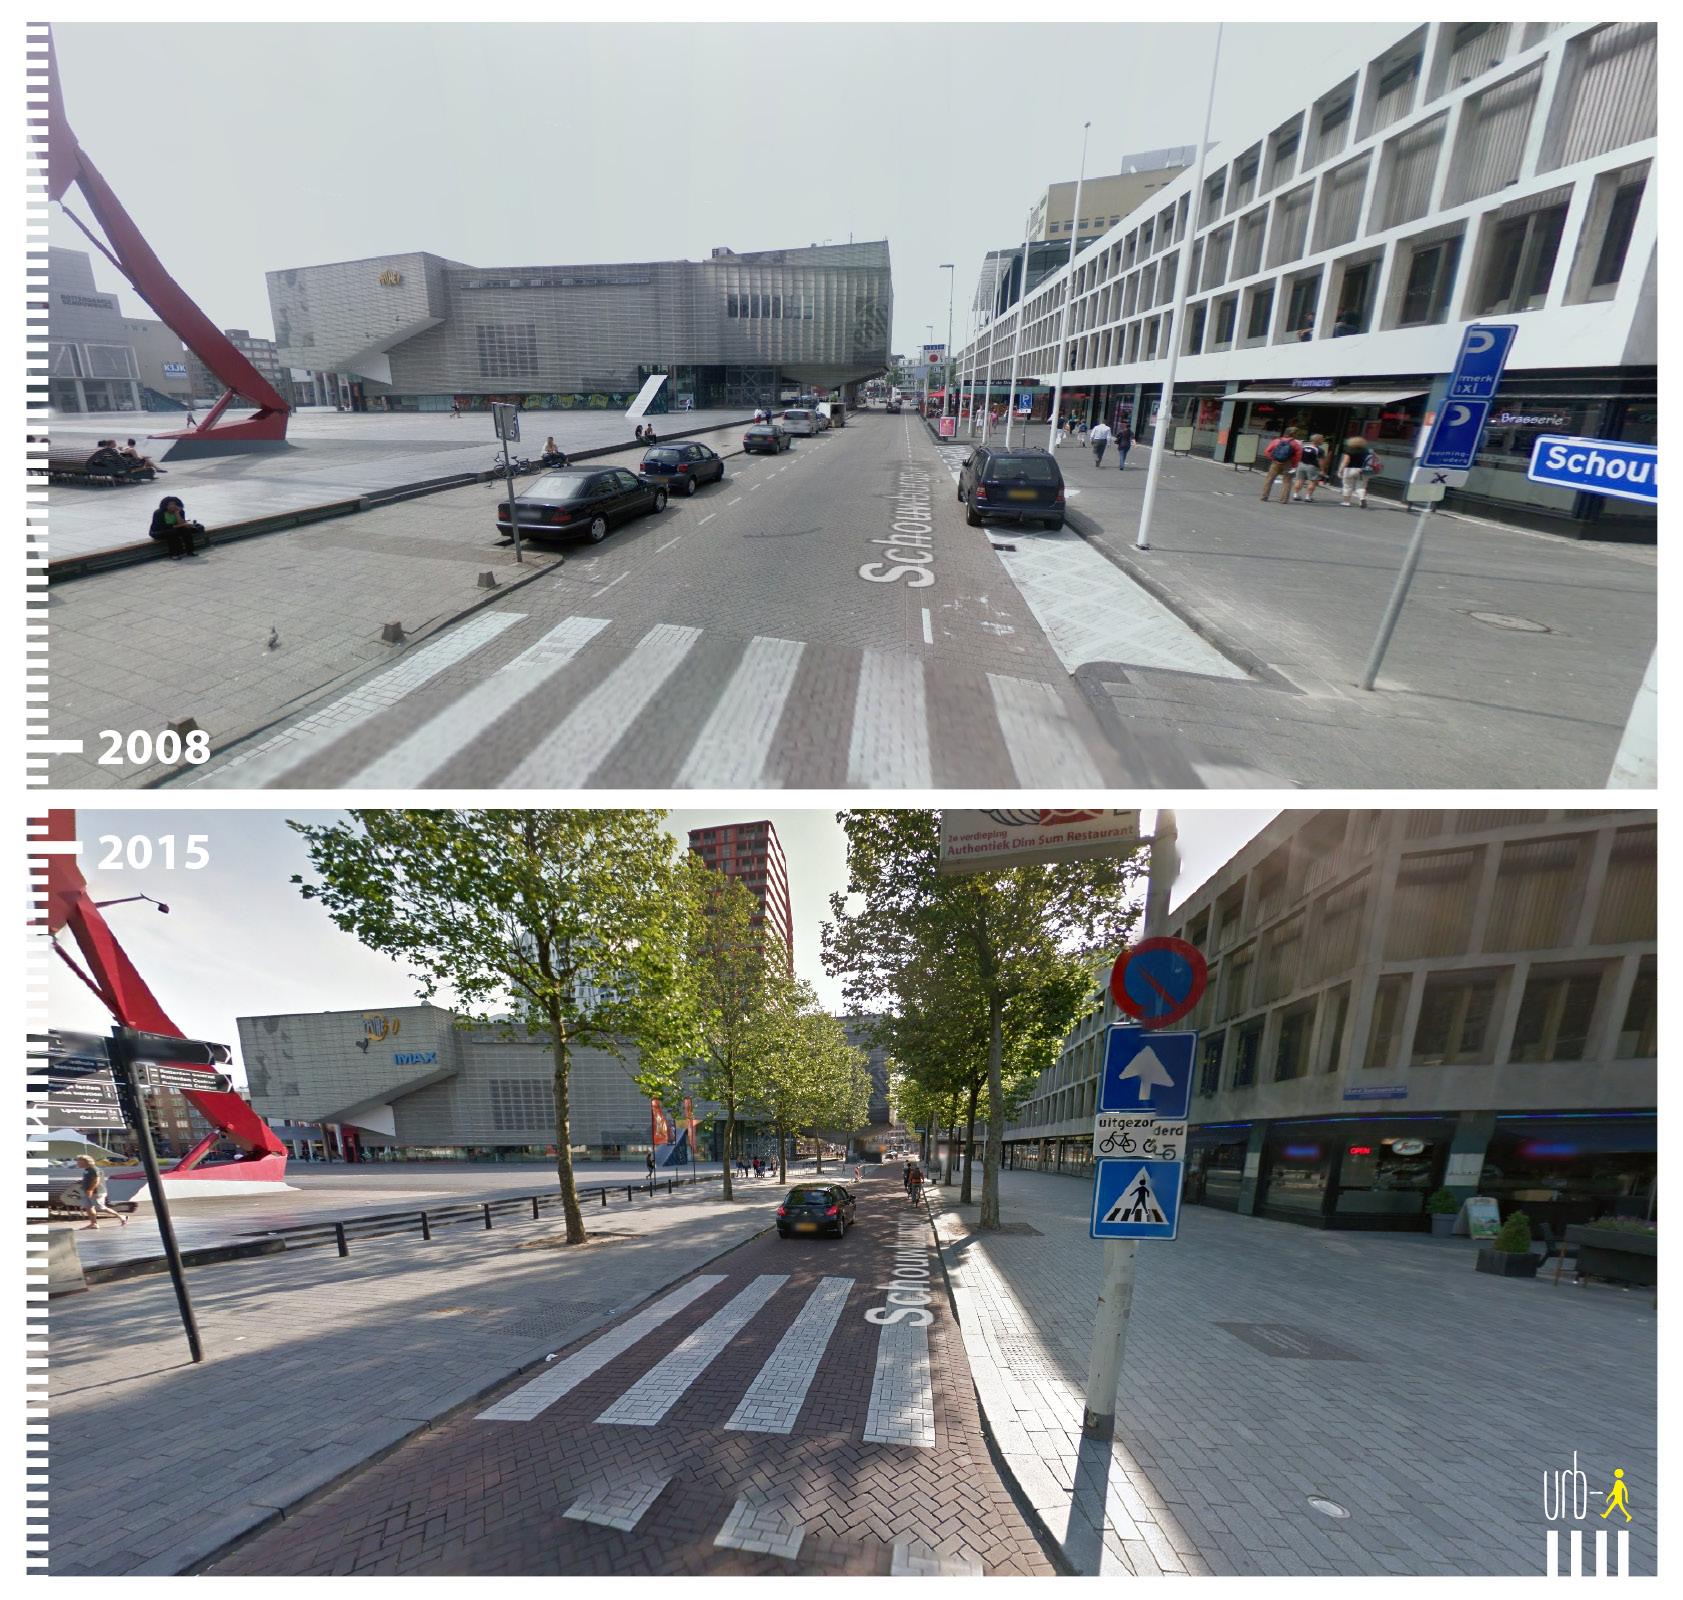 1101 NL Rotterdam, Schouwburgplein